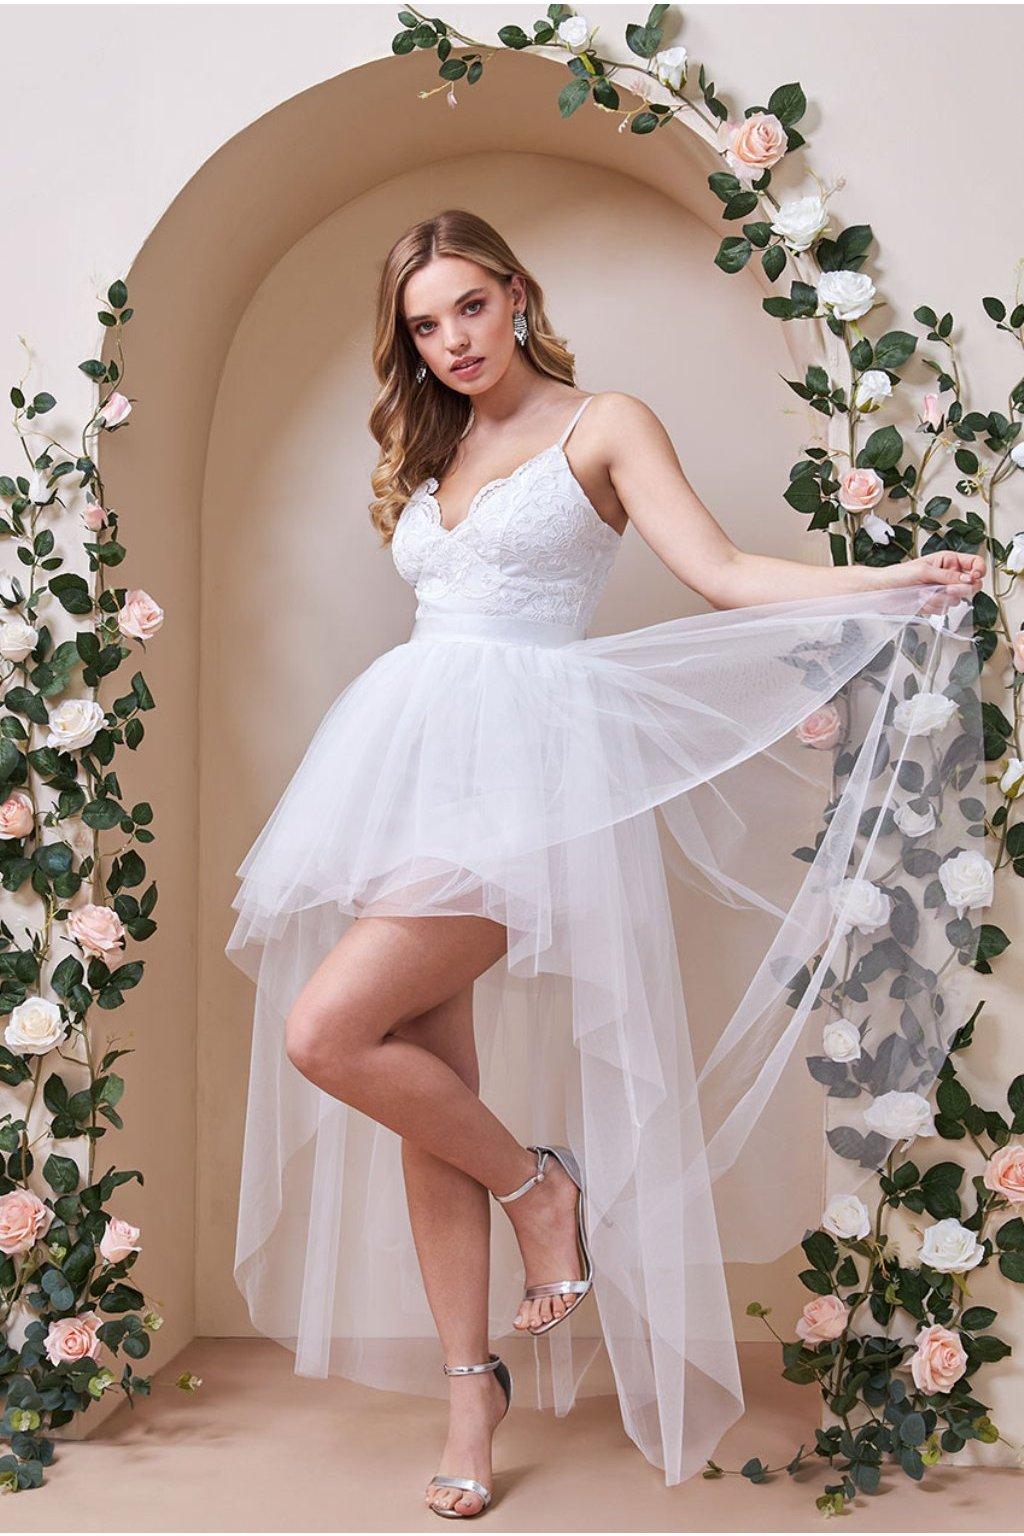 Biele spoločenské šaty s asymetrickou tylovou sukňou